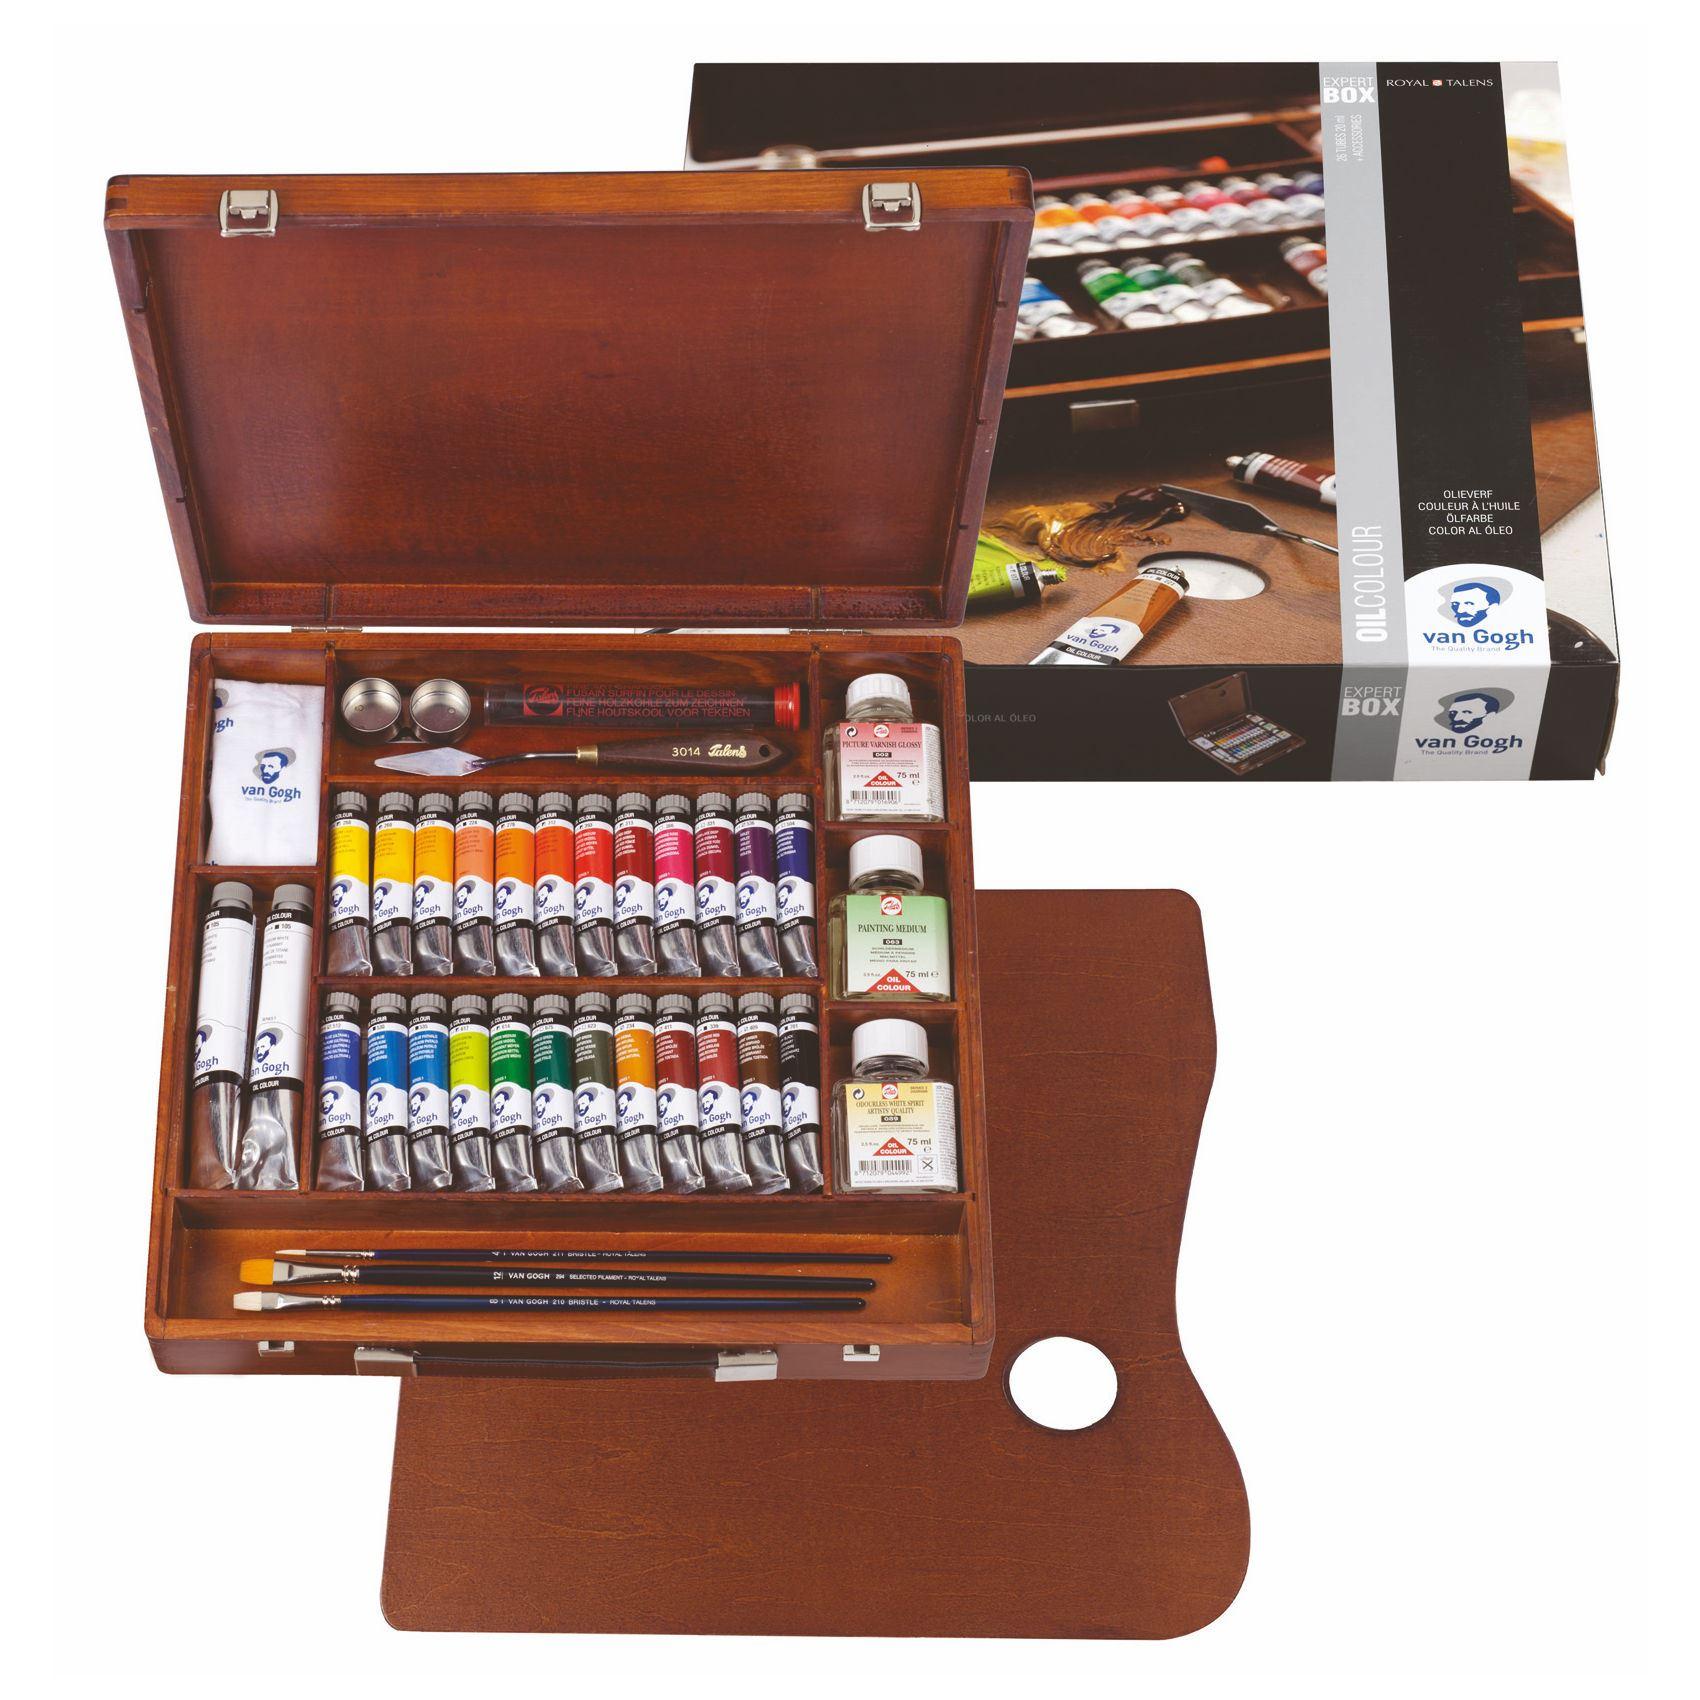 oil colour paint Studio artists sets tubes Van Gogh Oil painting